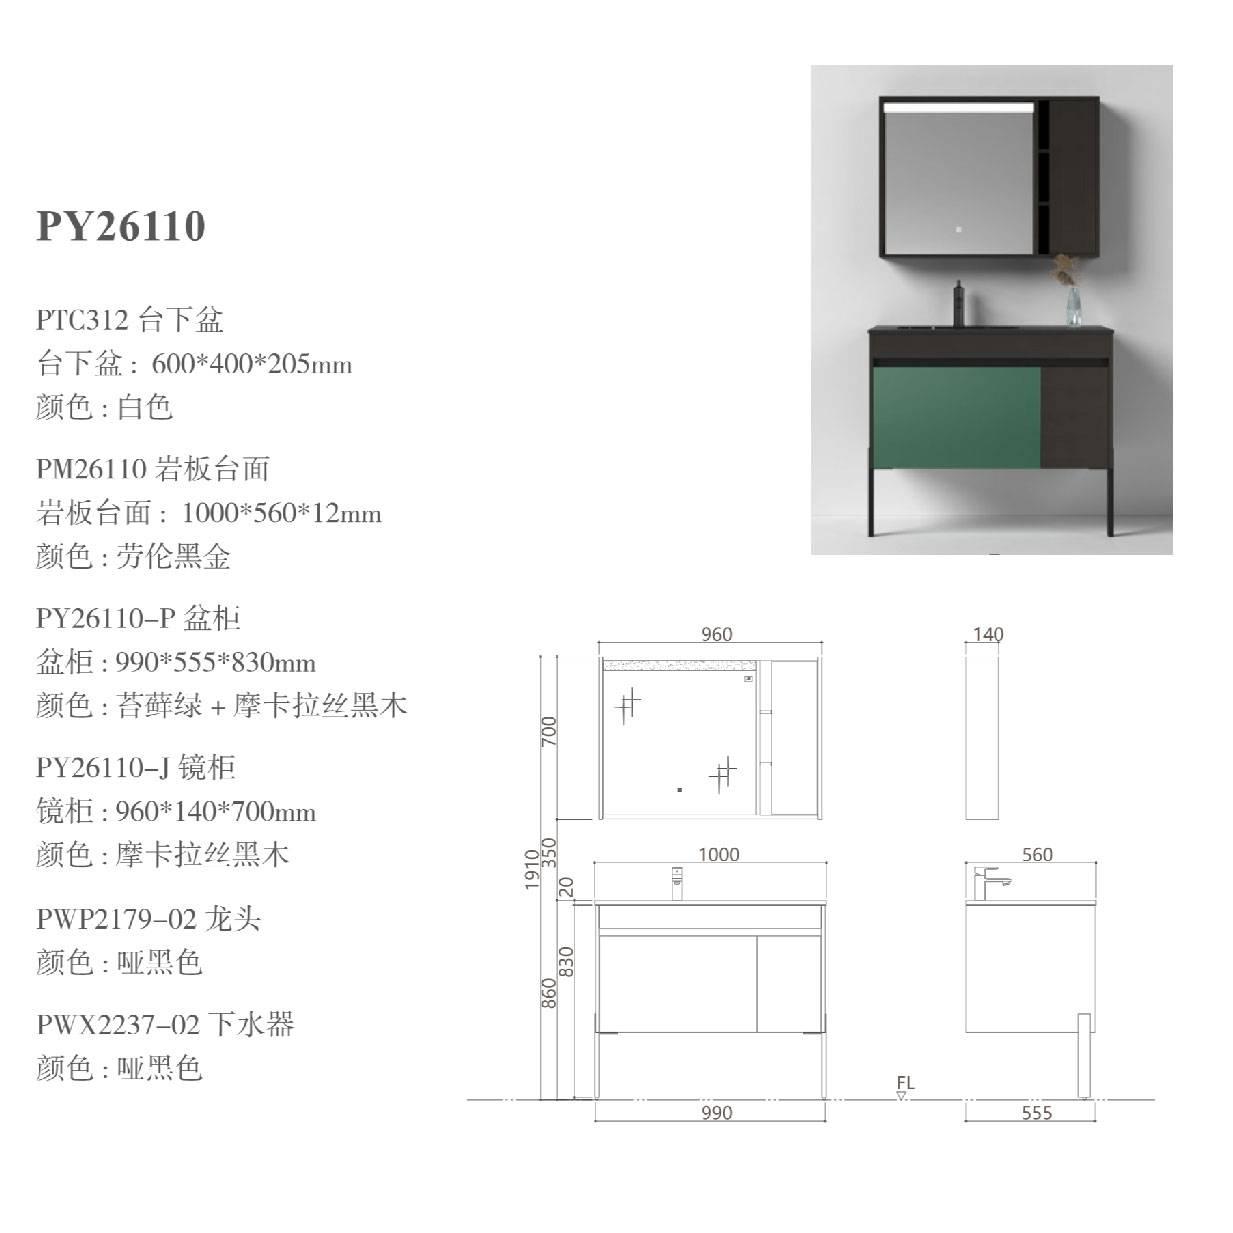 浴室柜Webb韦布 PY261系列(定制交期图纸签字确认后60天) 购买浴室柜不含龙头与下水